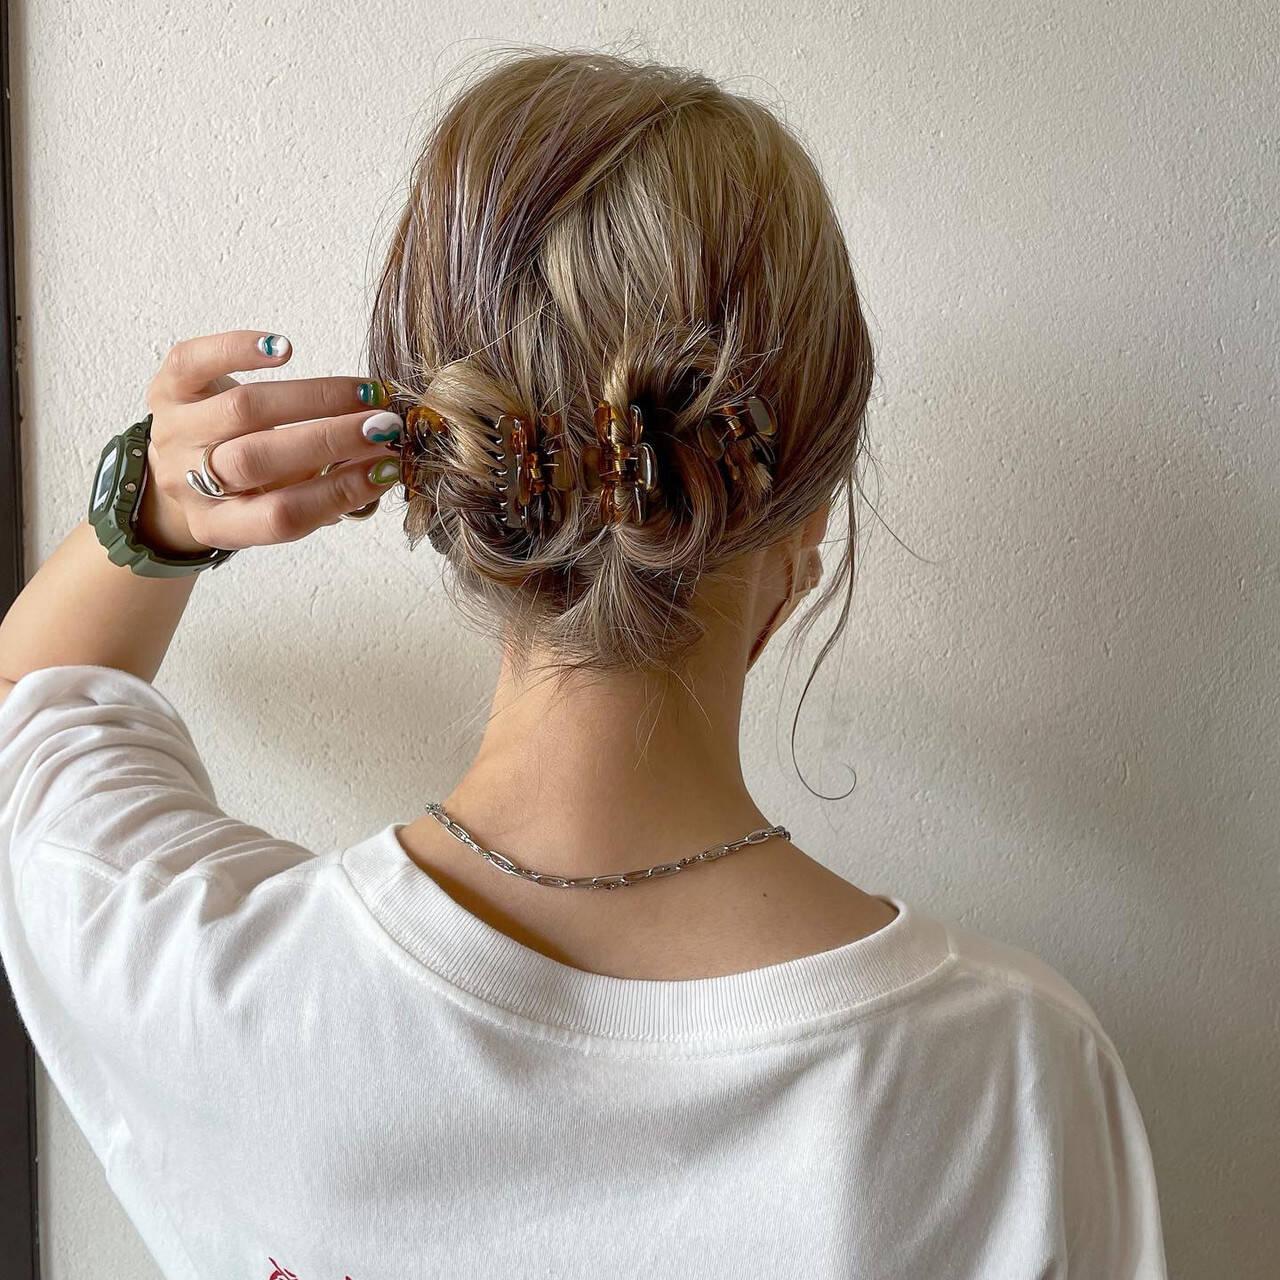 ヘアアレンジ 簡単スタイリング ストリート 簡単ヘアアレンジヘアスタイルや髪型の写真・画像